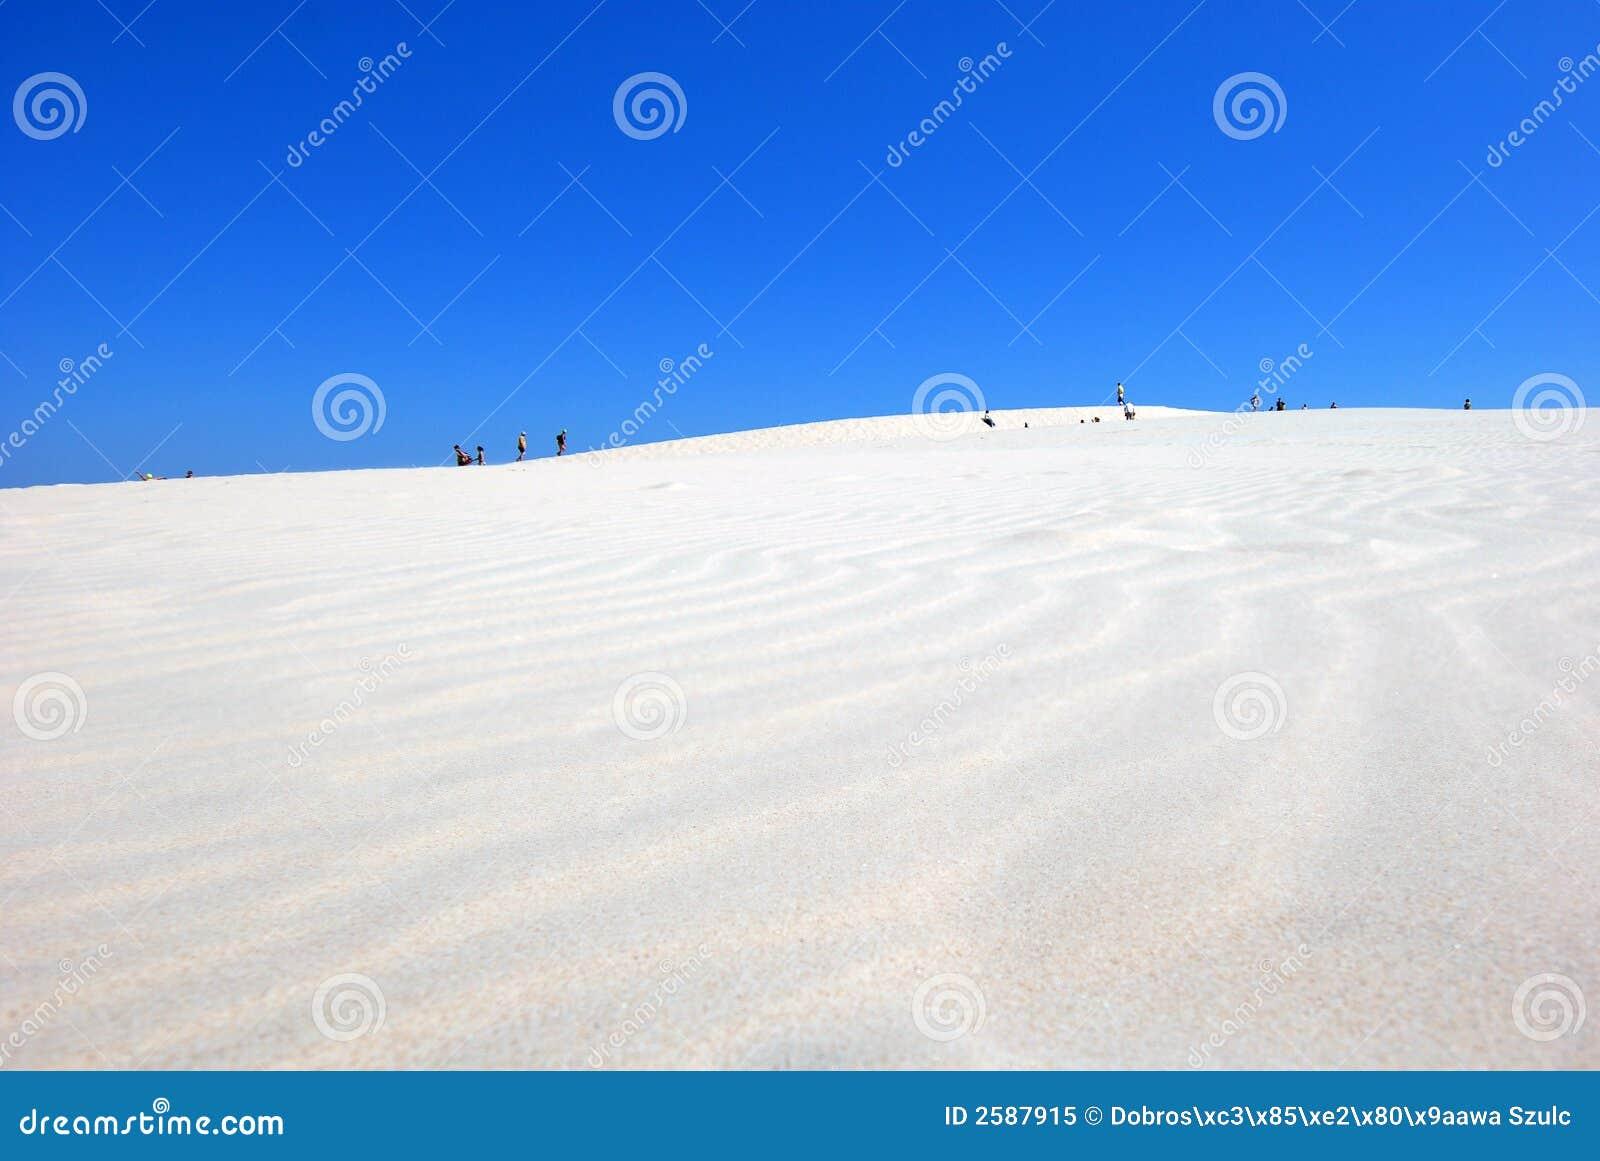 Mensen op de woestijn